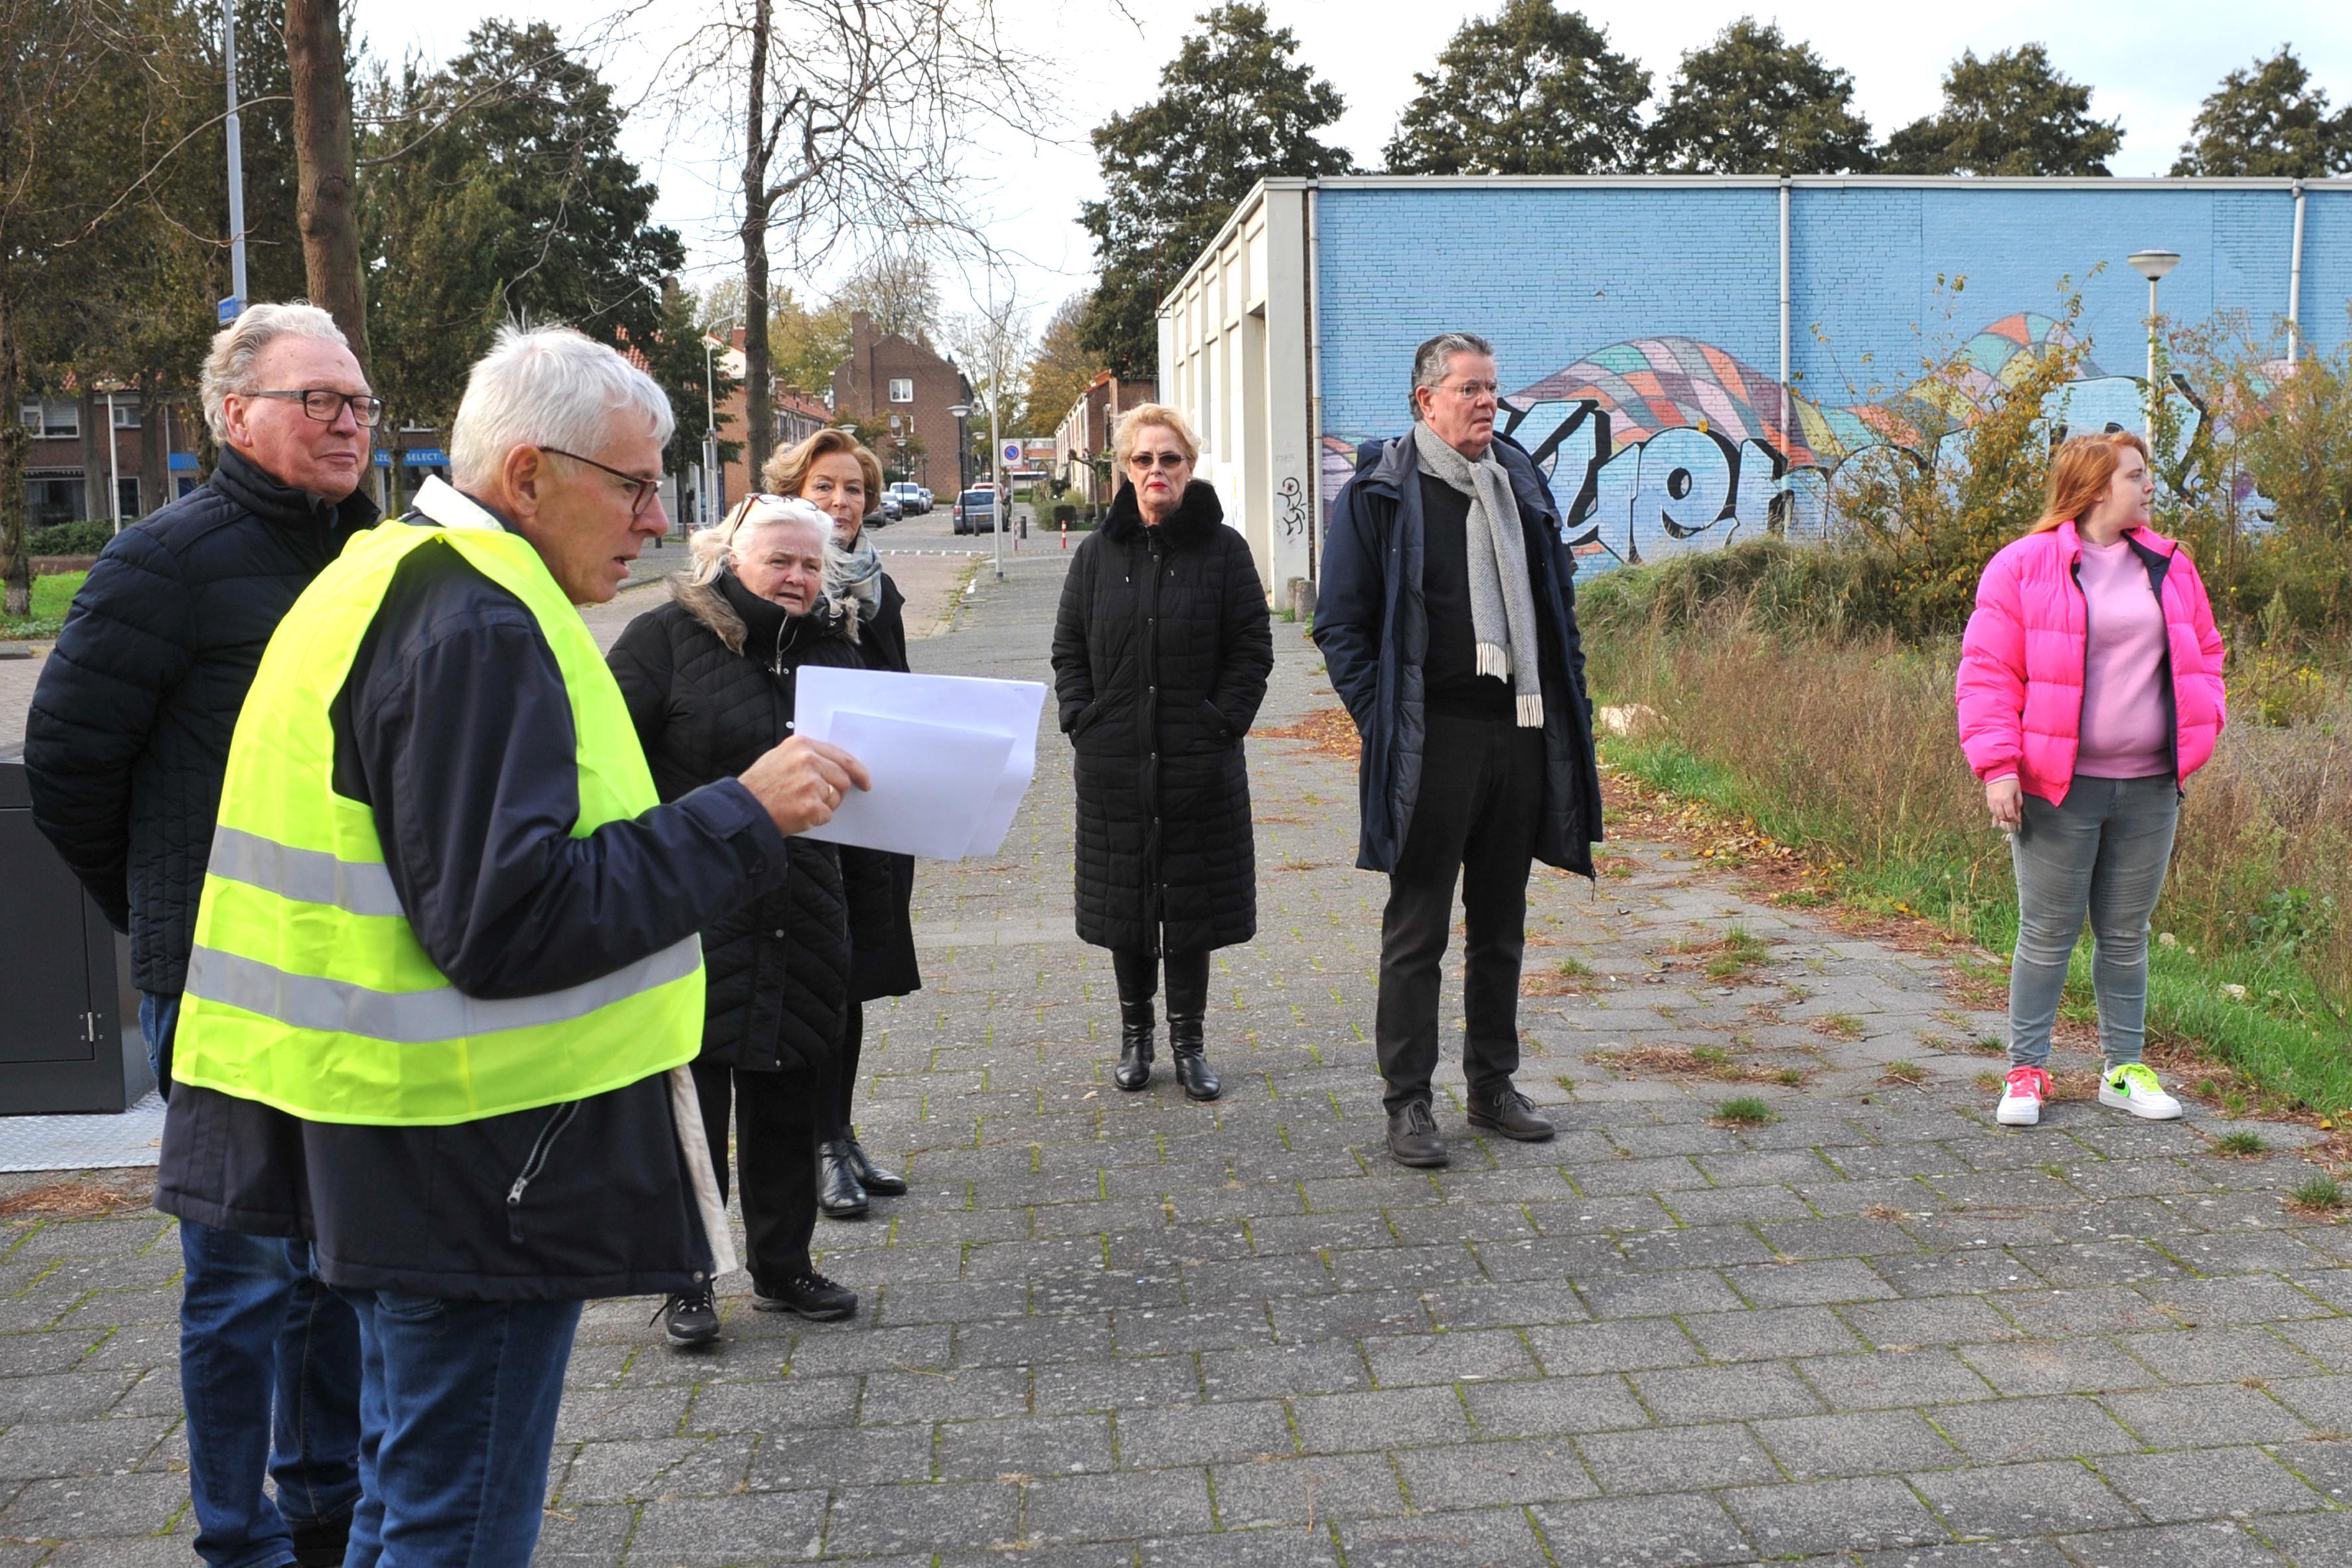 Bewoners best positief over aangepaste gebiedsvisie Kuenenpleinbuurt Beverwijk: 'Eerste hobbel is genomen'